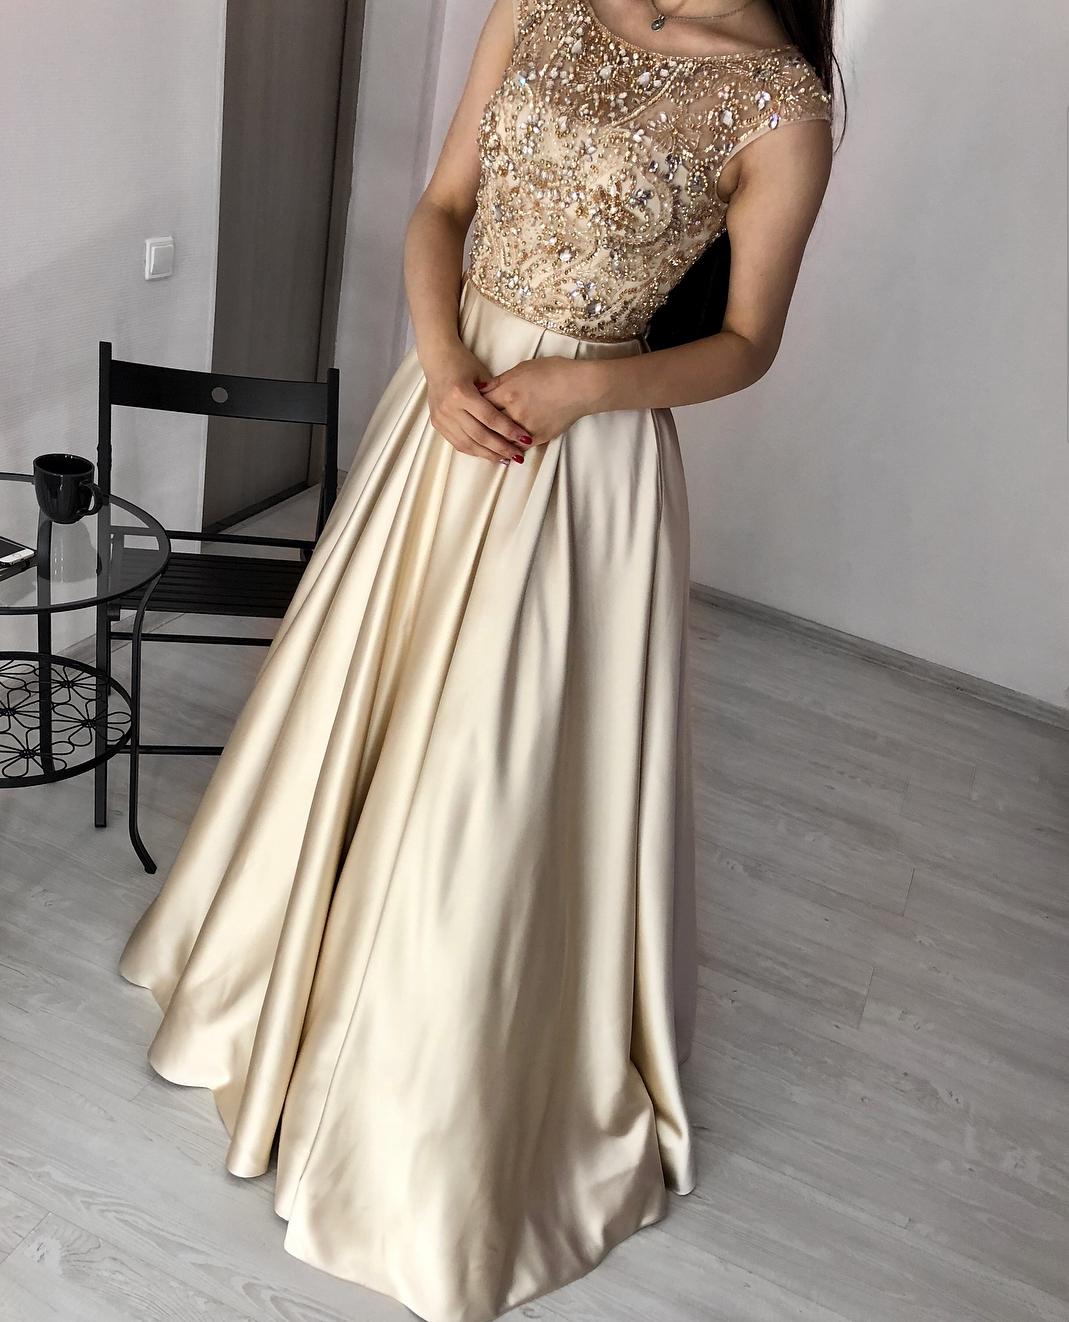 картинка Вечернее платье с бисером и стразами AV102018 интернет бутик Avolet.ru